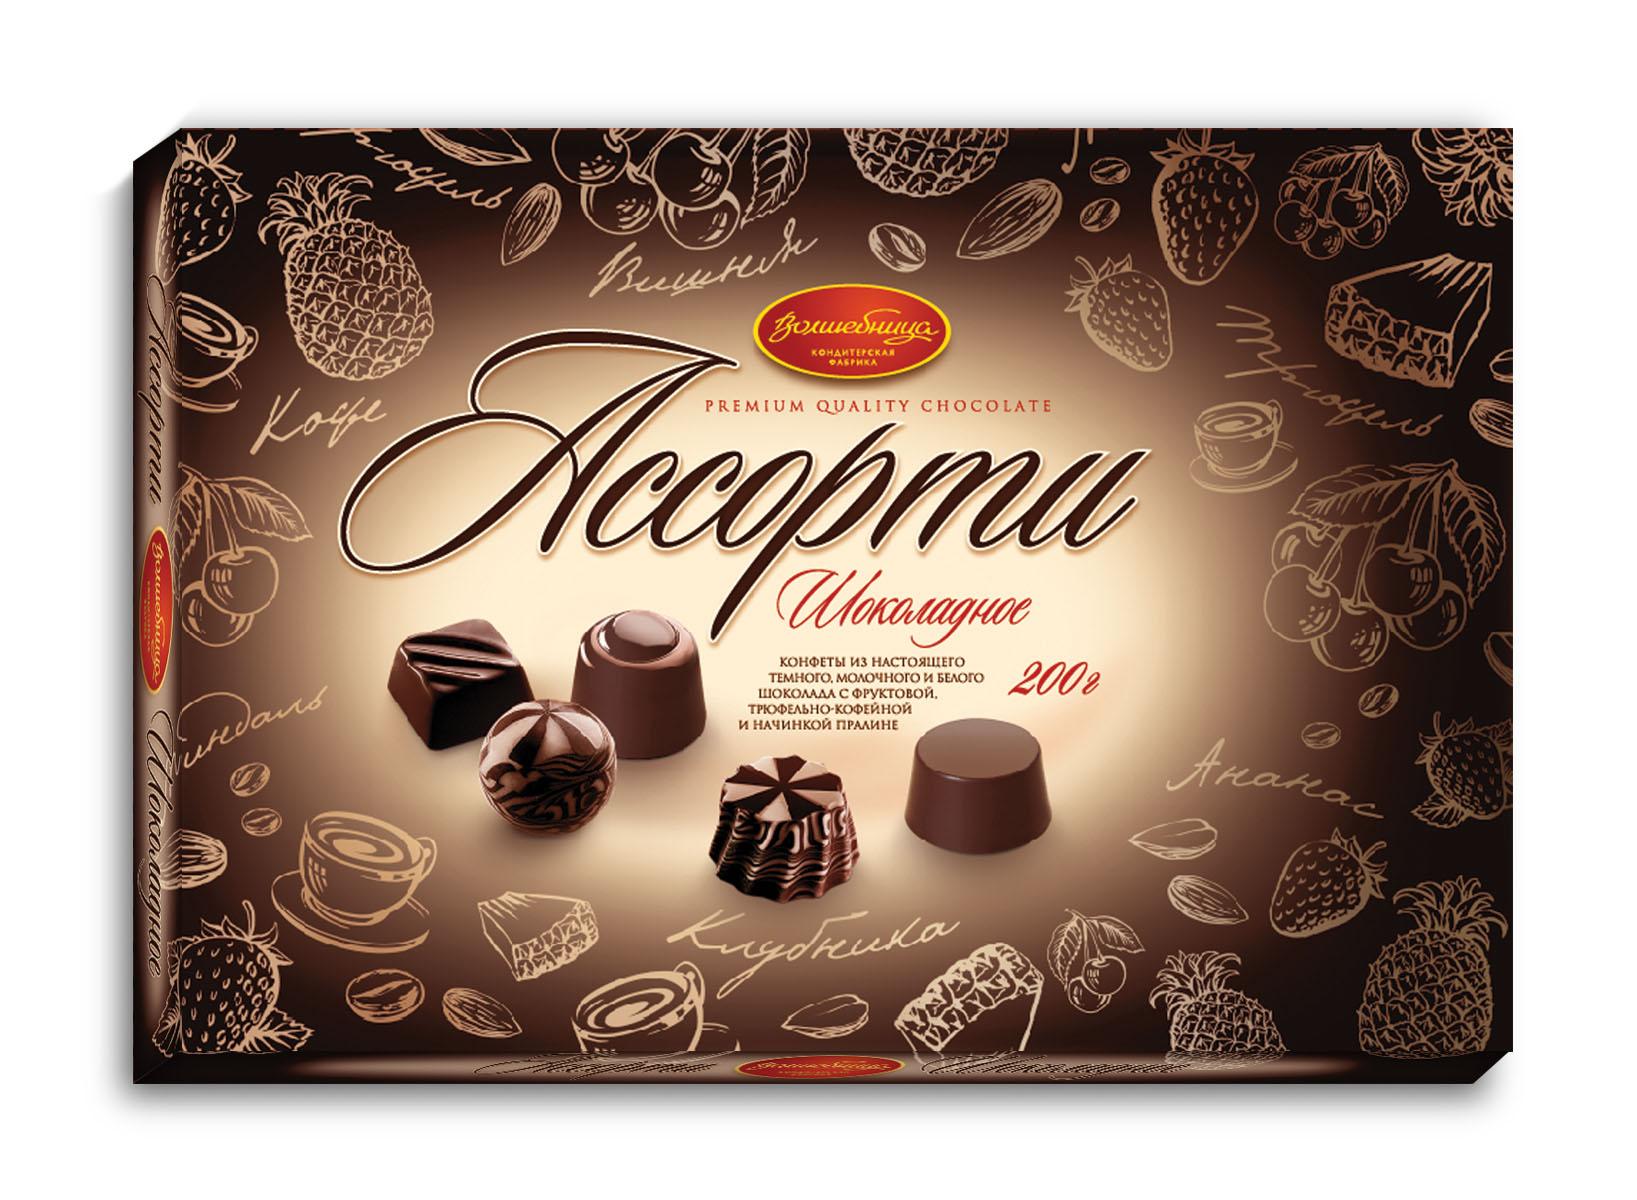 Волшебница конфеты шоколадное ассорти (коричневые), 200 г1.1578Классический набор шоколадных конфет в темном и молочном шоколаде с разнообразными начинками - ореховое пралине, трюфельный крем, фруктовыми - вишня, ананас, клубника. 100% шоколад, натуральный состав. Изящный дизайн упаковки. Отличный вариант для стильного подарка по любому поводу и на каждое событие.